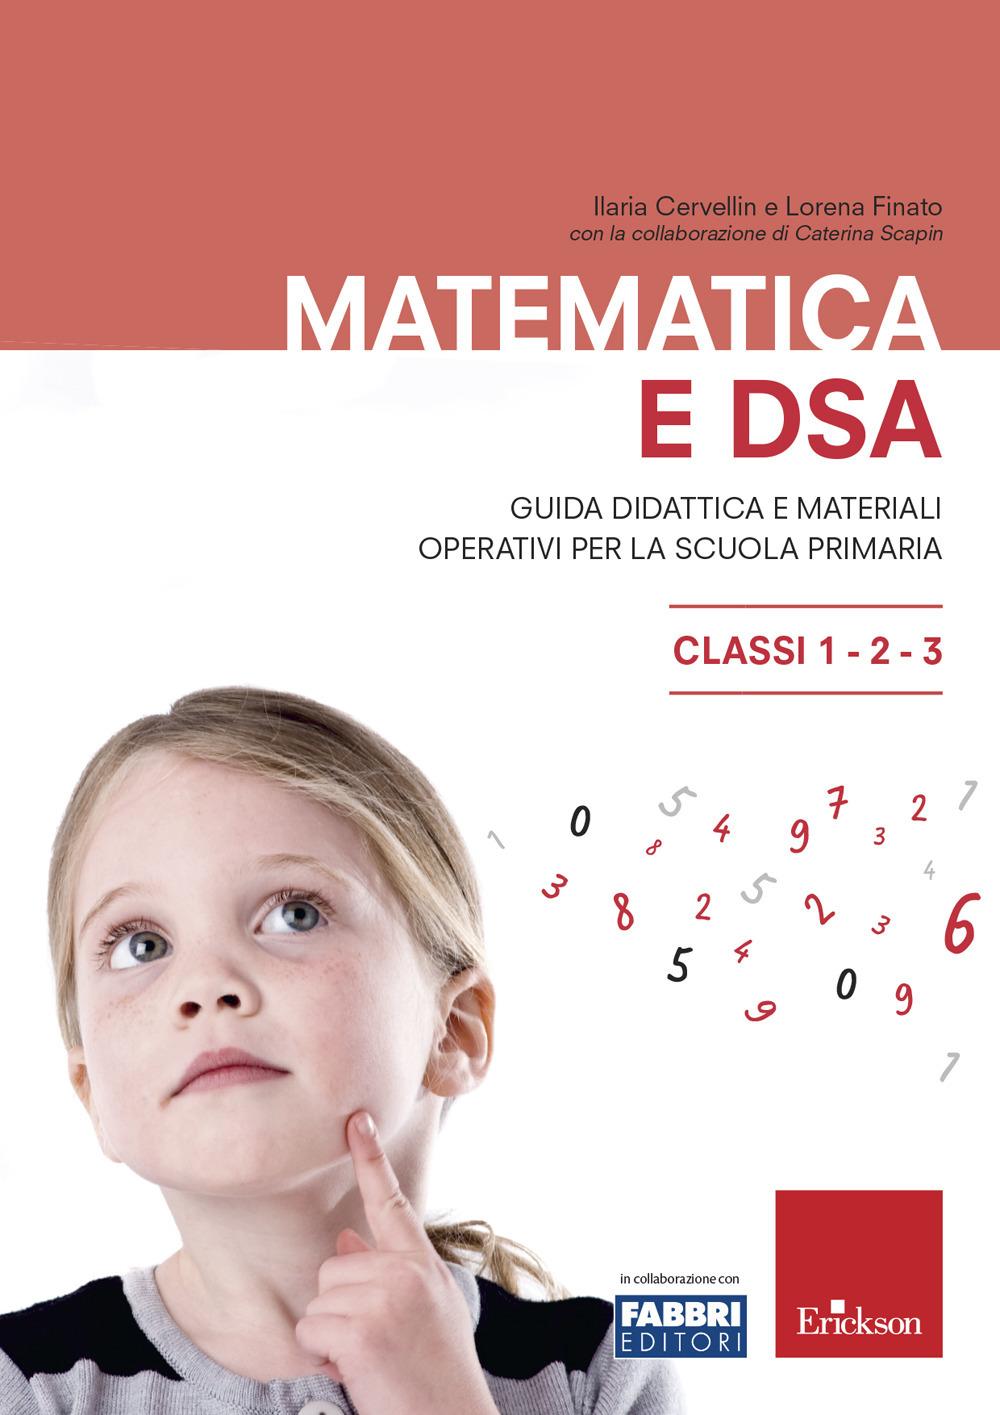 Matematica e DSA. Guida didattica e materiali operativi per la scuola primaria. Classi 1-2-3